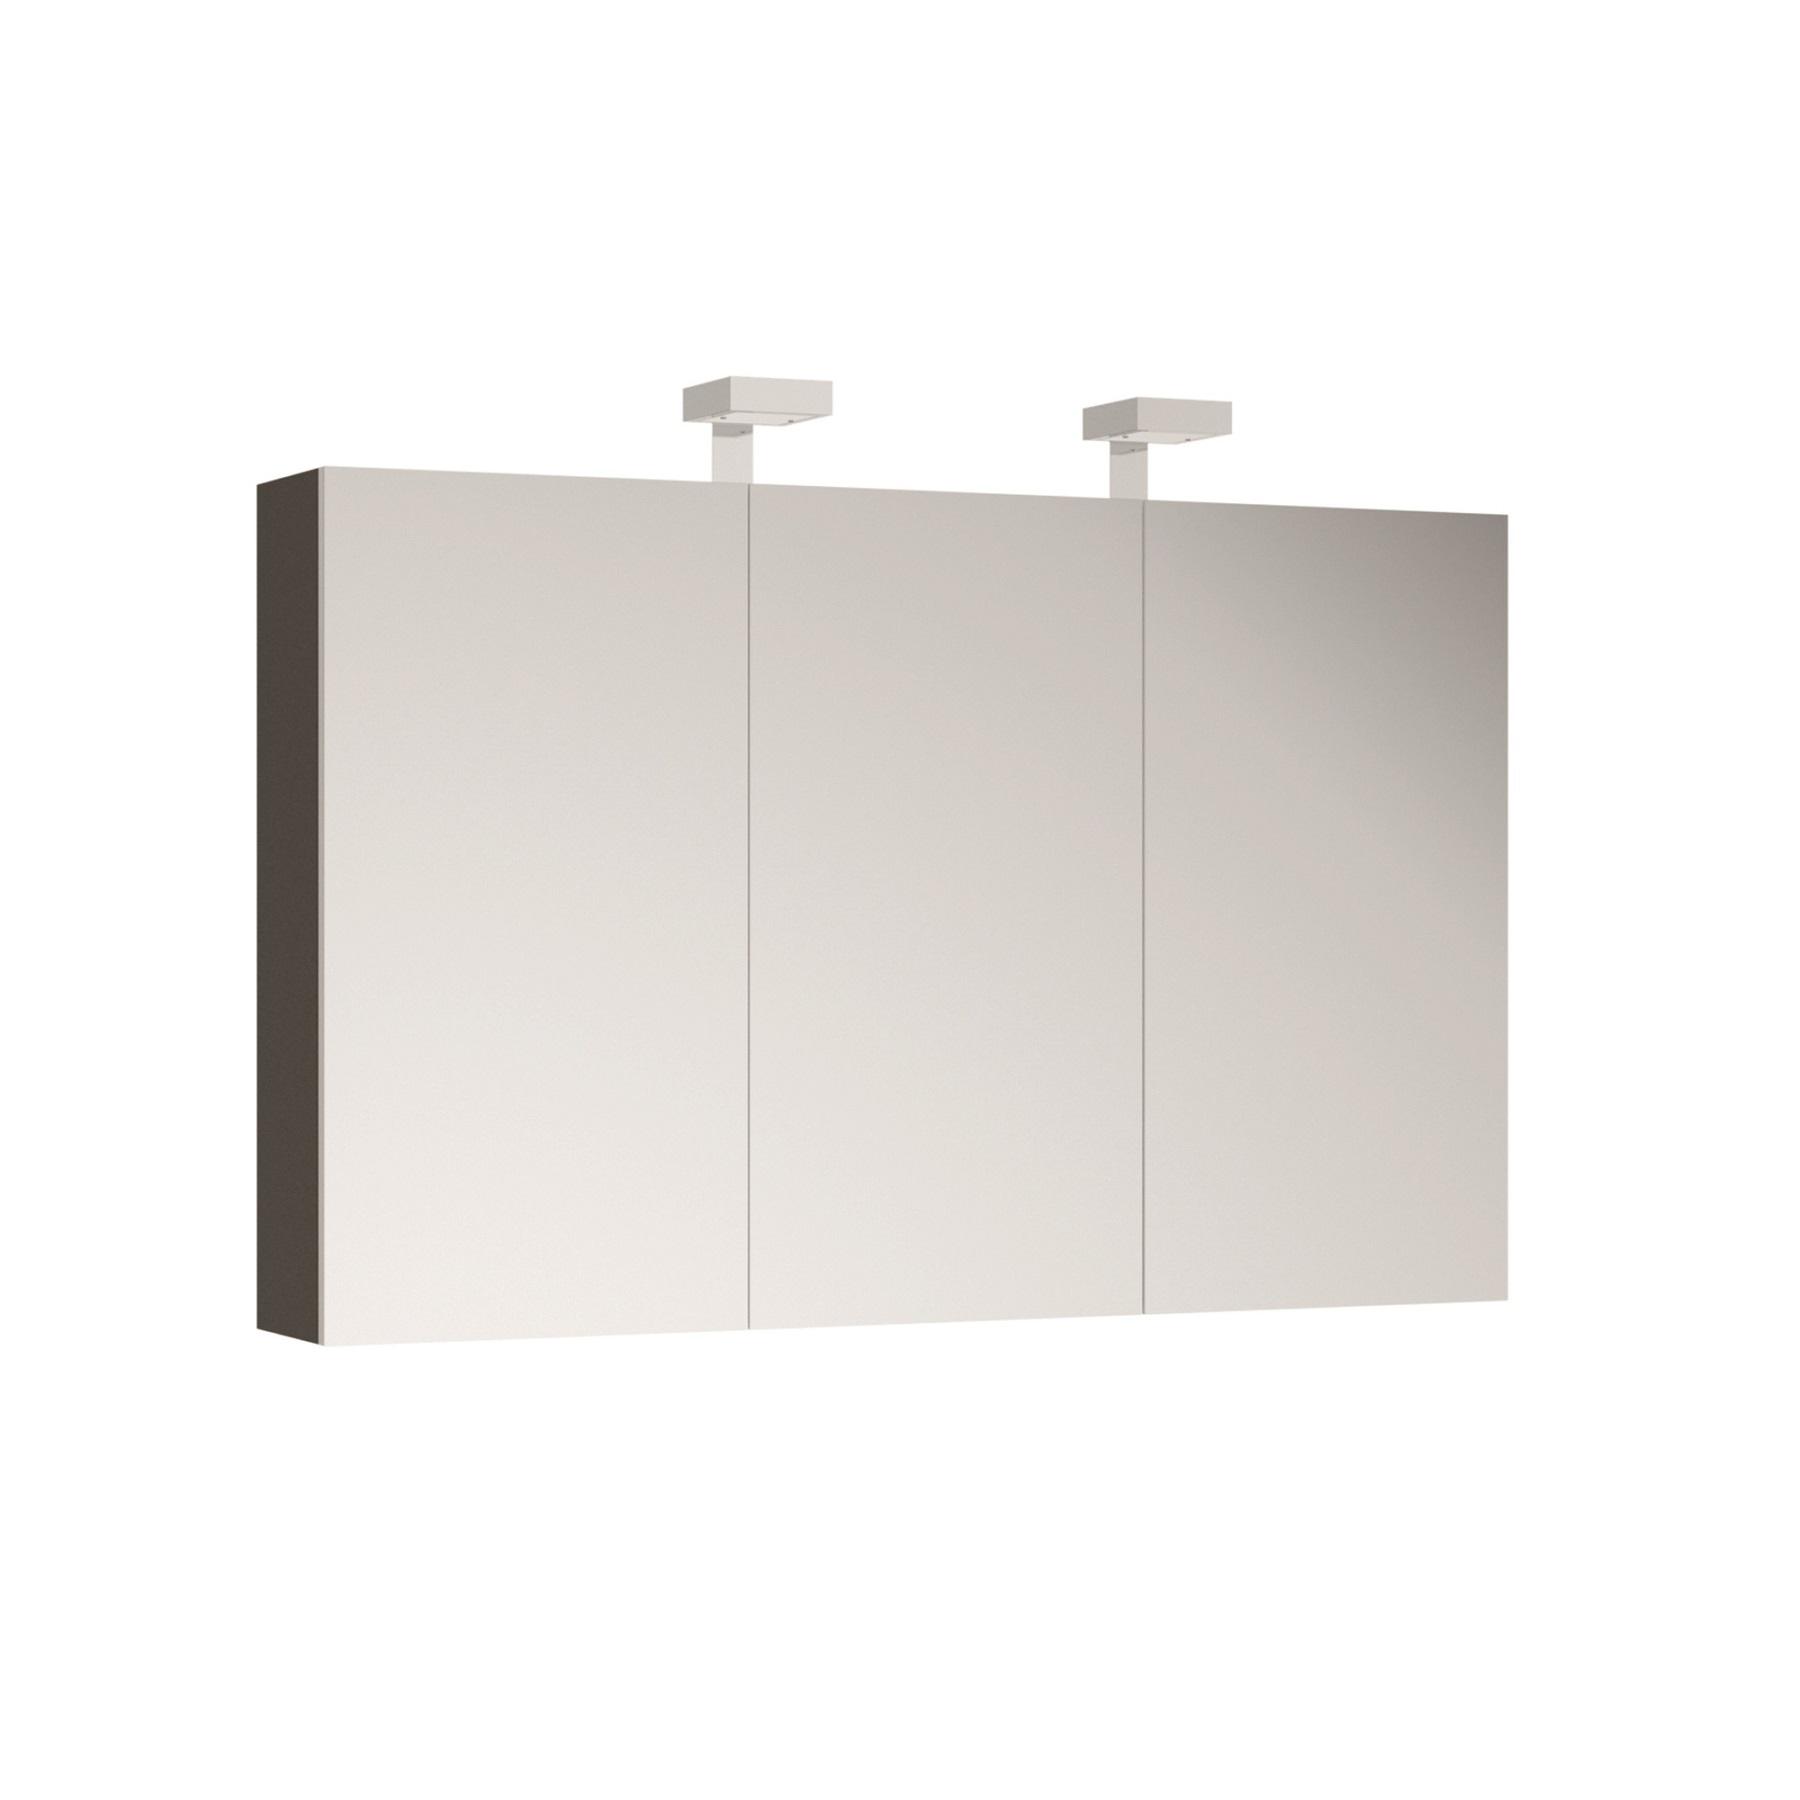 ALLIBERT Spiegelschrank Spiegel Badmöbel vormontiert grau Glanz 120 cm LED